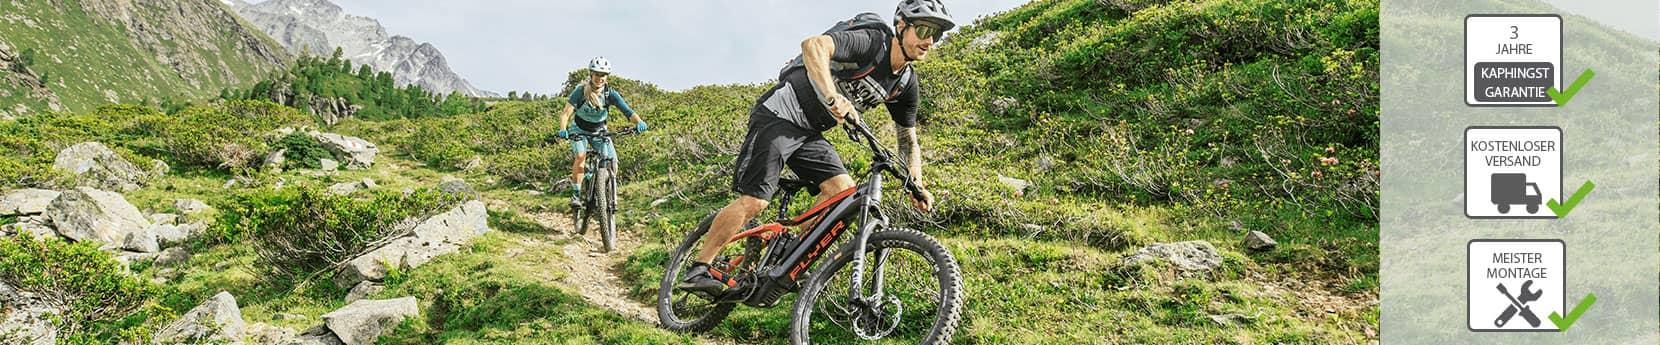 Mit E-Bikes in der Stadt, auf dem Land oder in den Bergen aktiv unterwegs